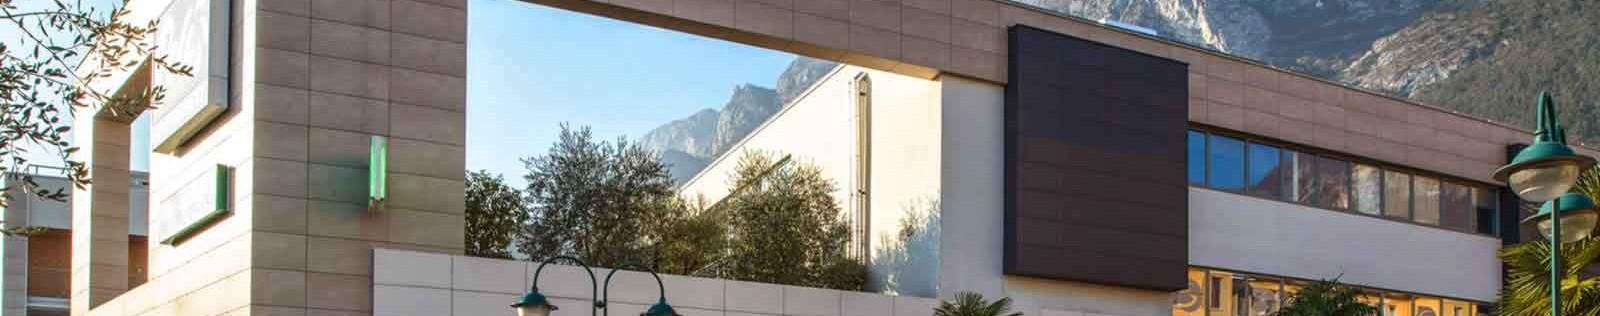 Applicazioni del sistema prem di sterchelegroup for Piano di progettazione di edifici commerciali